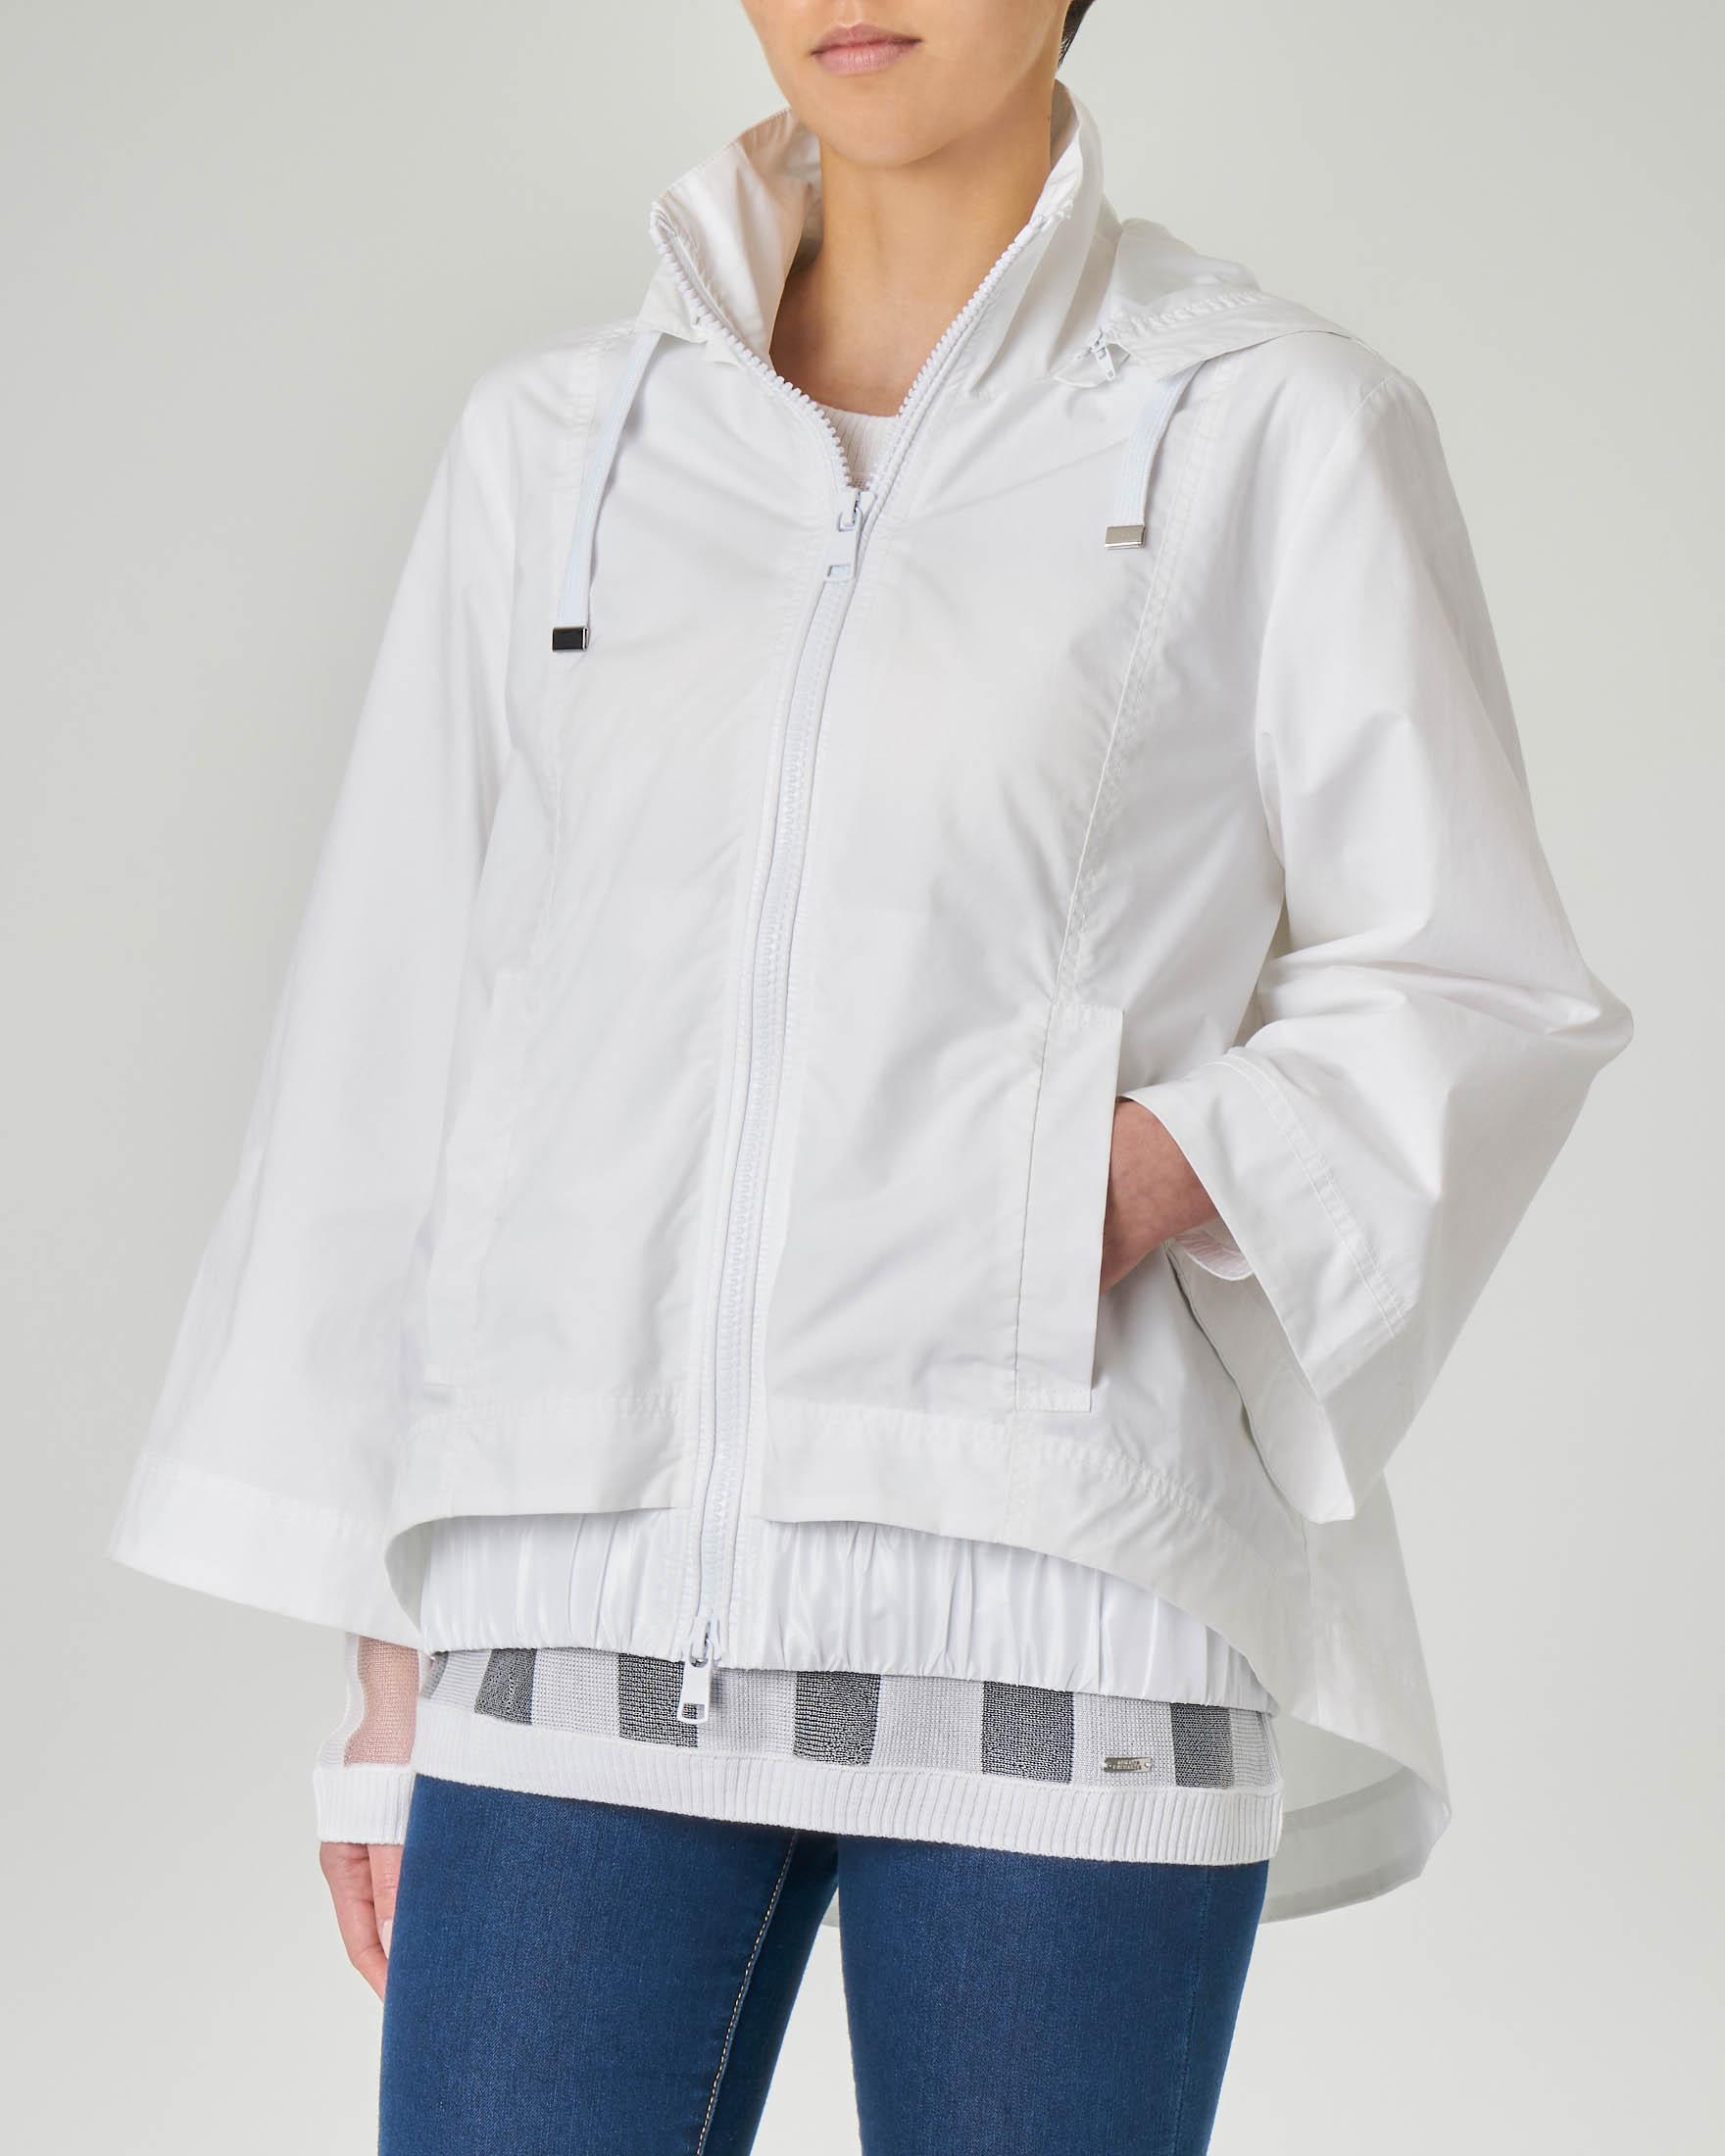 Giubbino bianco in cotone con cappuccio e maniche a kimono